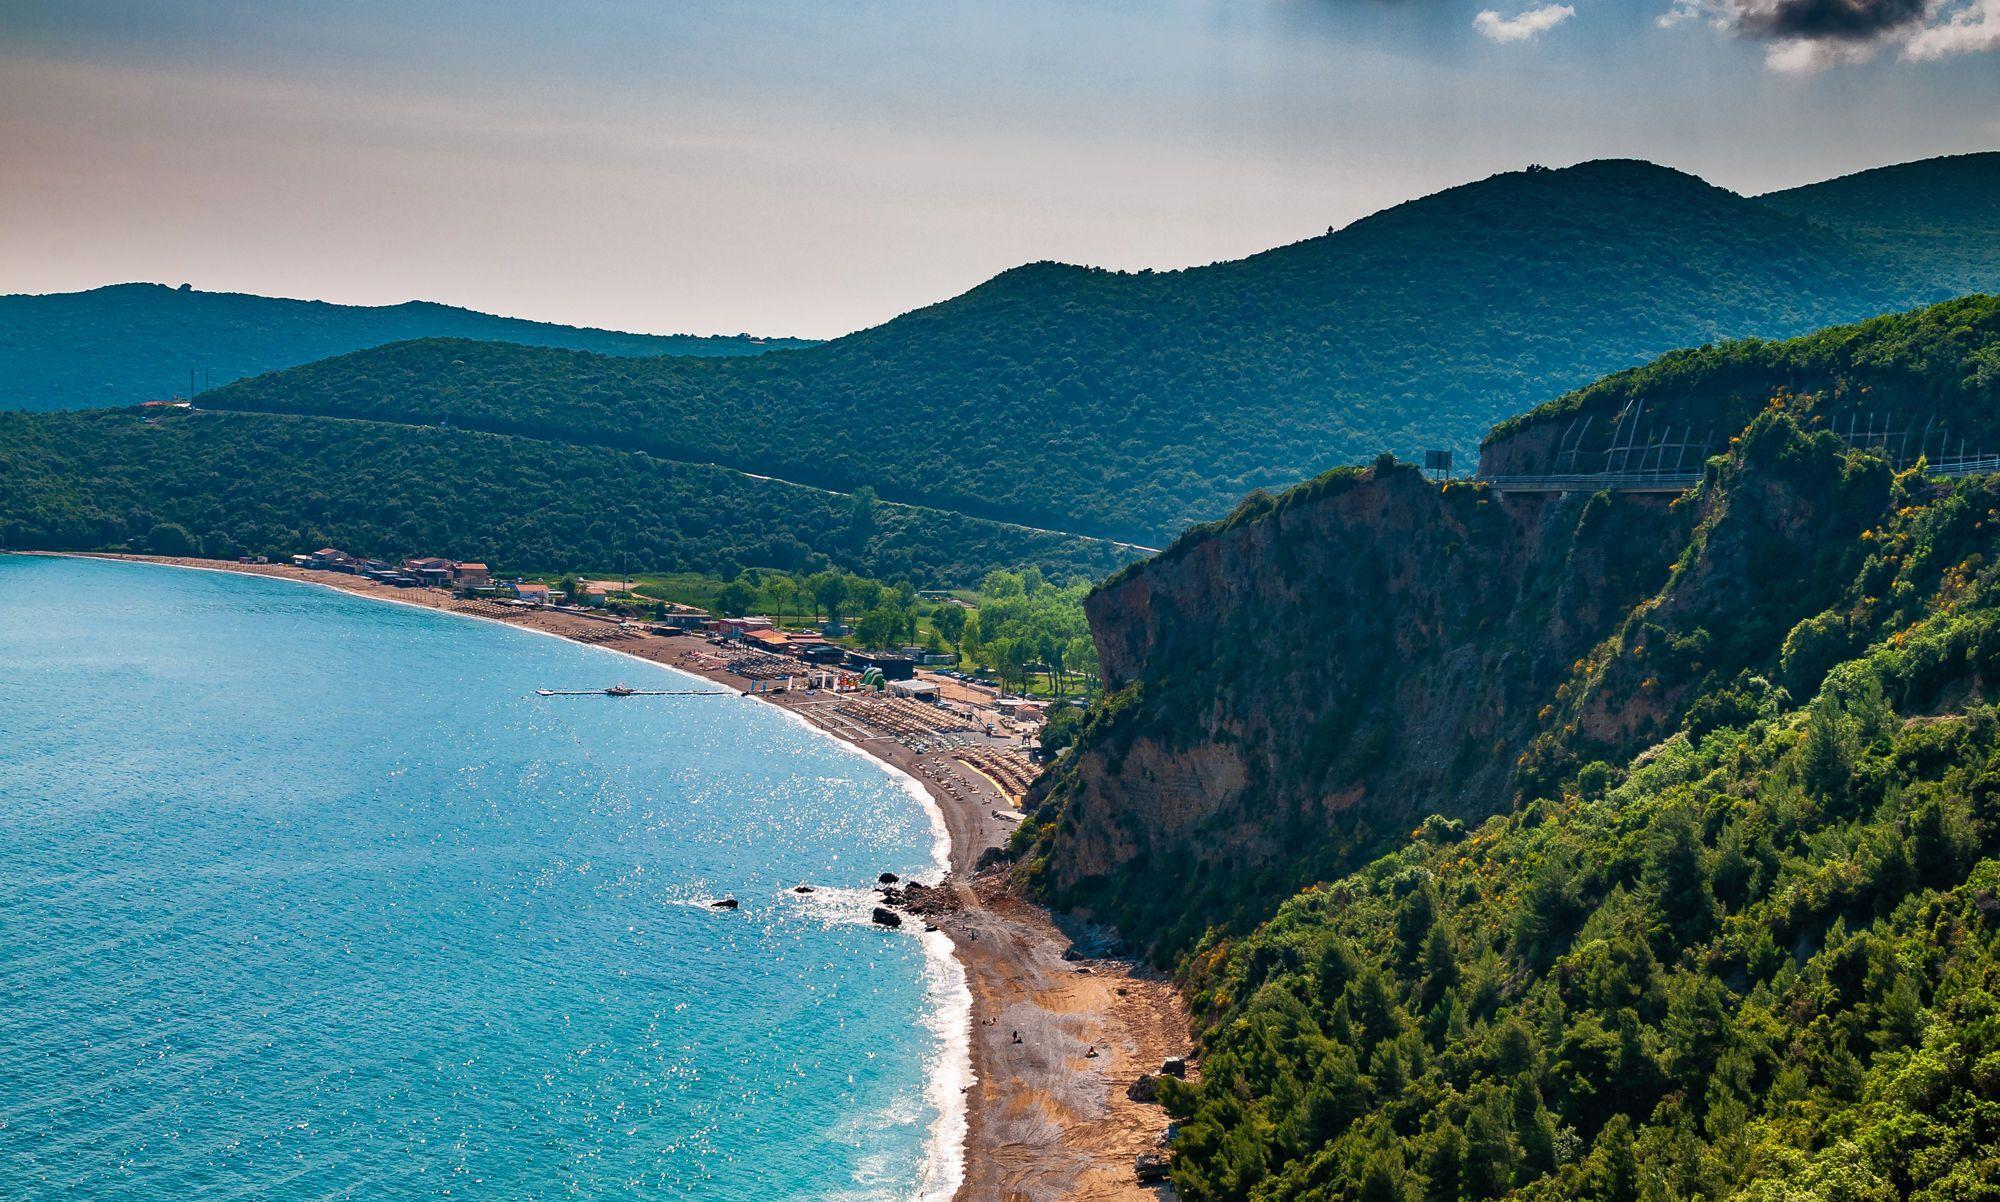 Этот пляж из гальки и песка до сих пор сохраняет атмосферу неразвитого курортного места